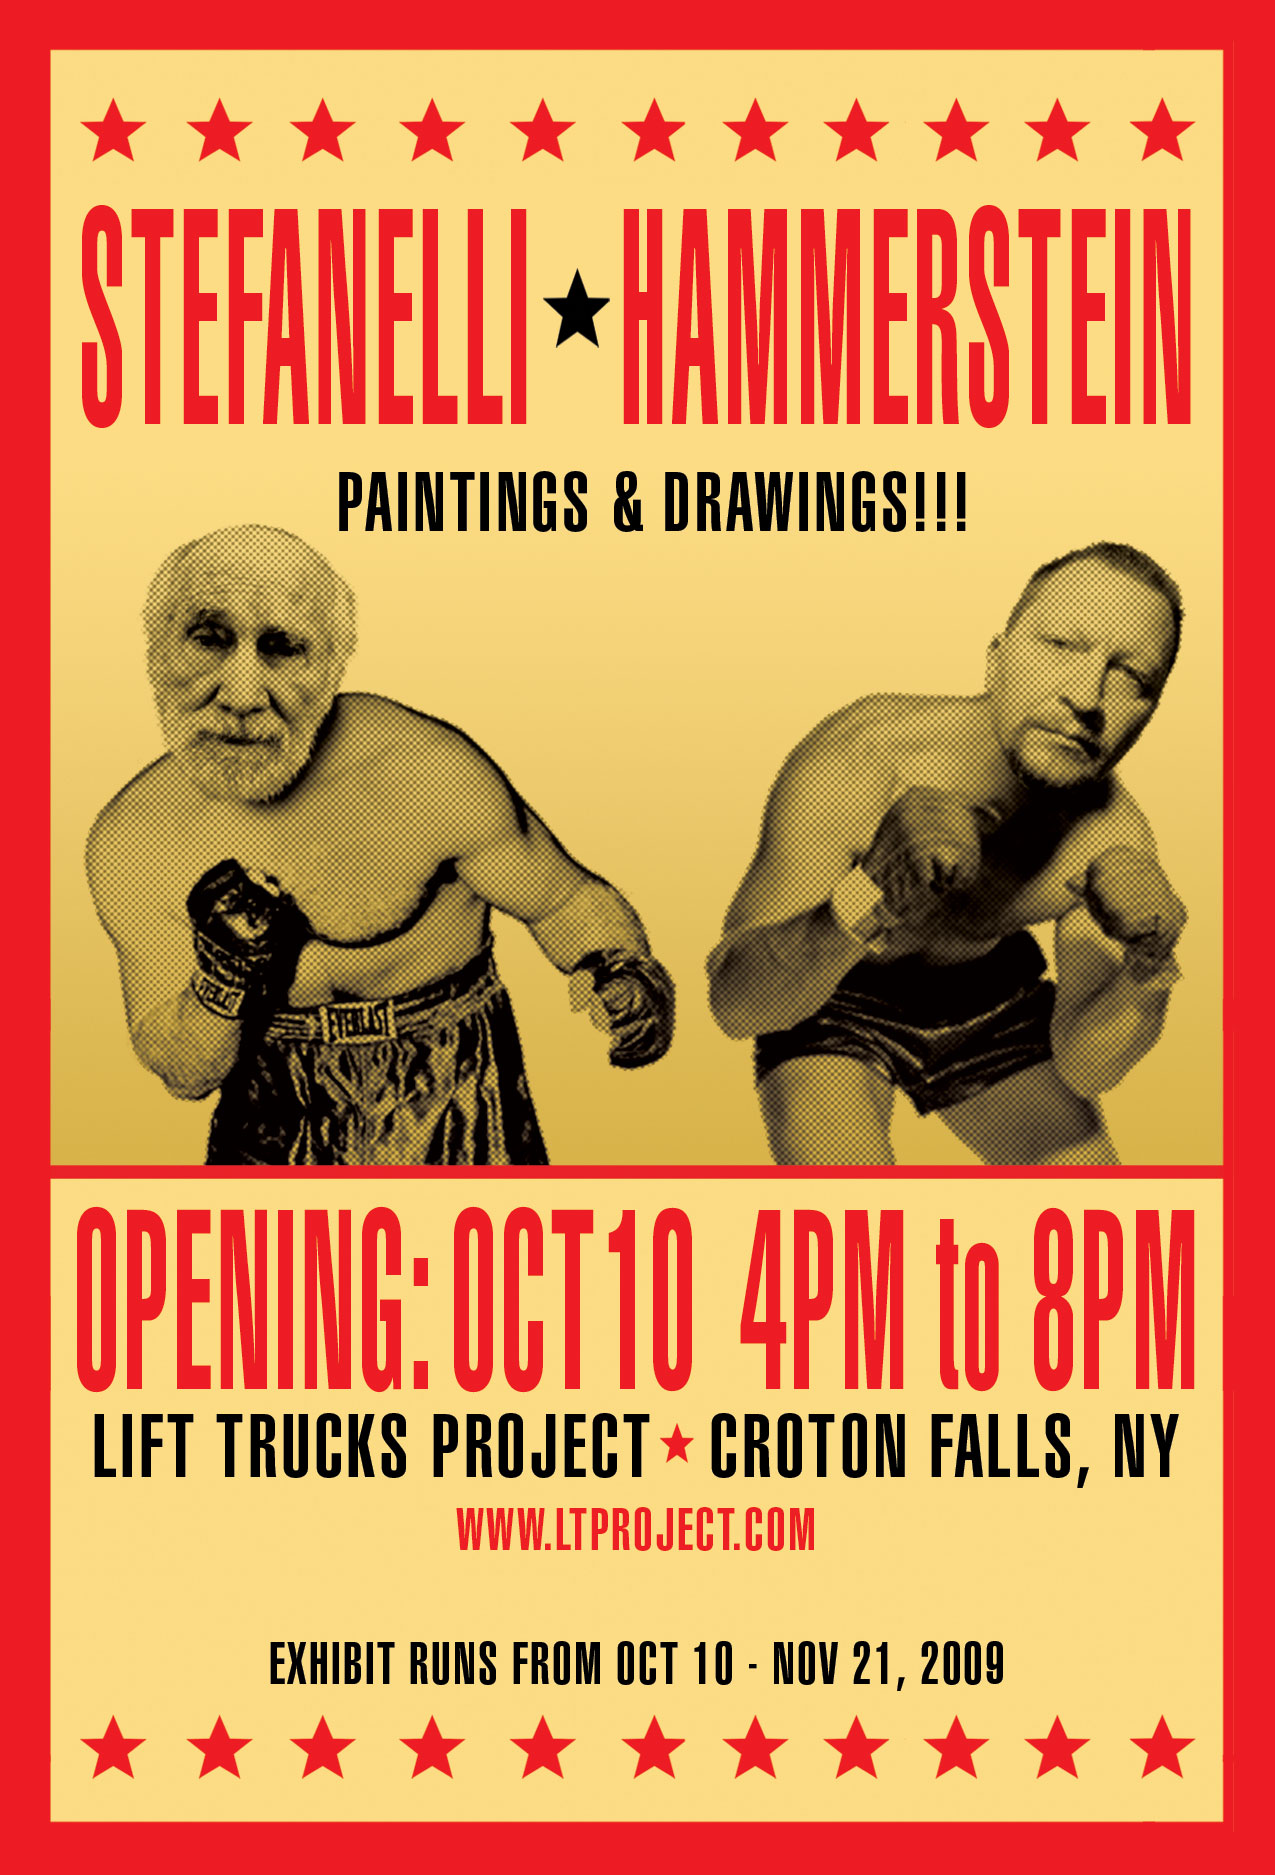 Stefanelli-Hammerstein